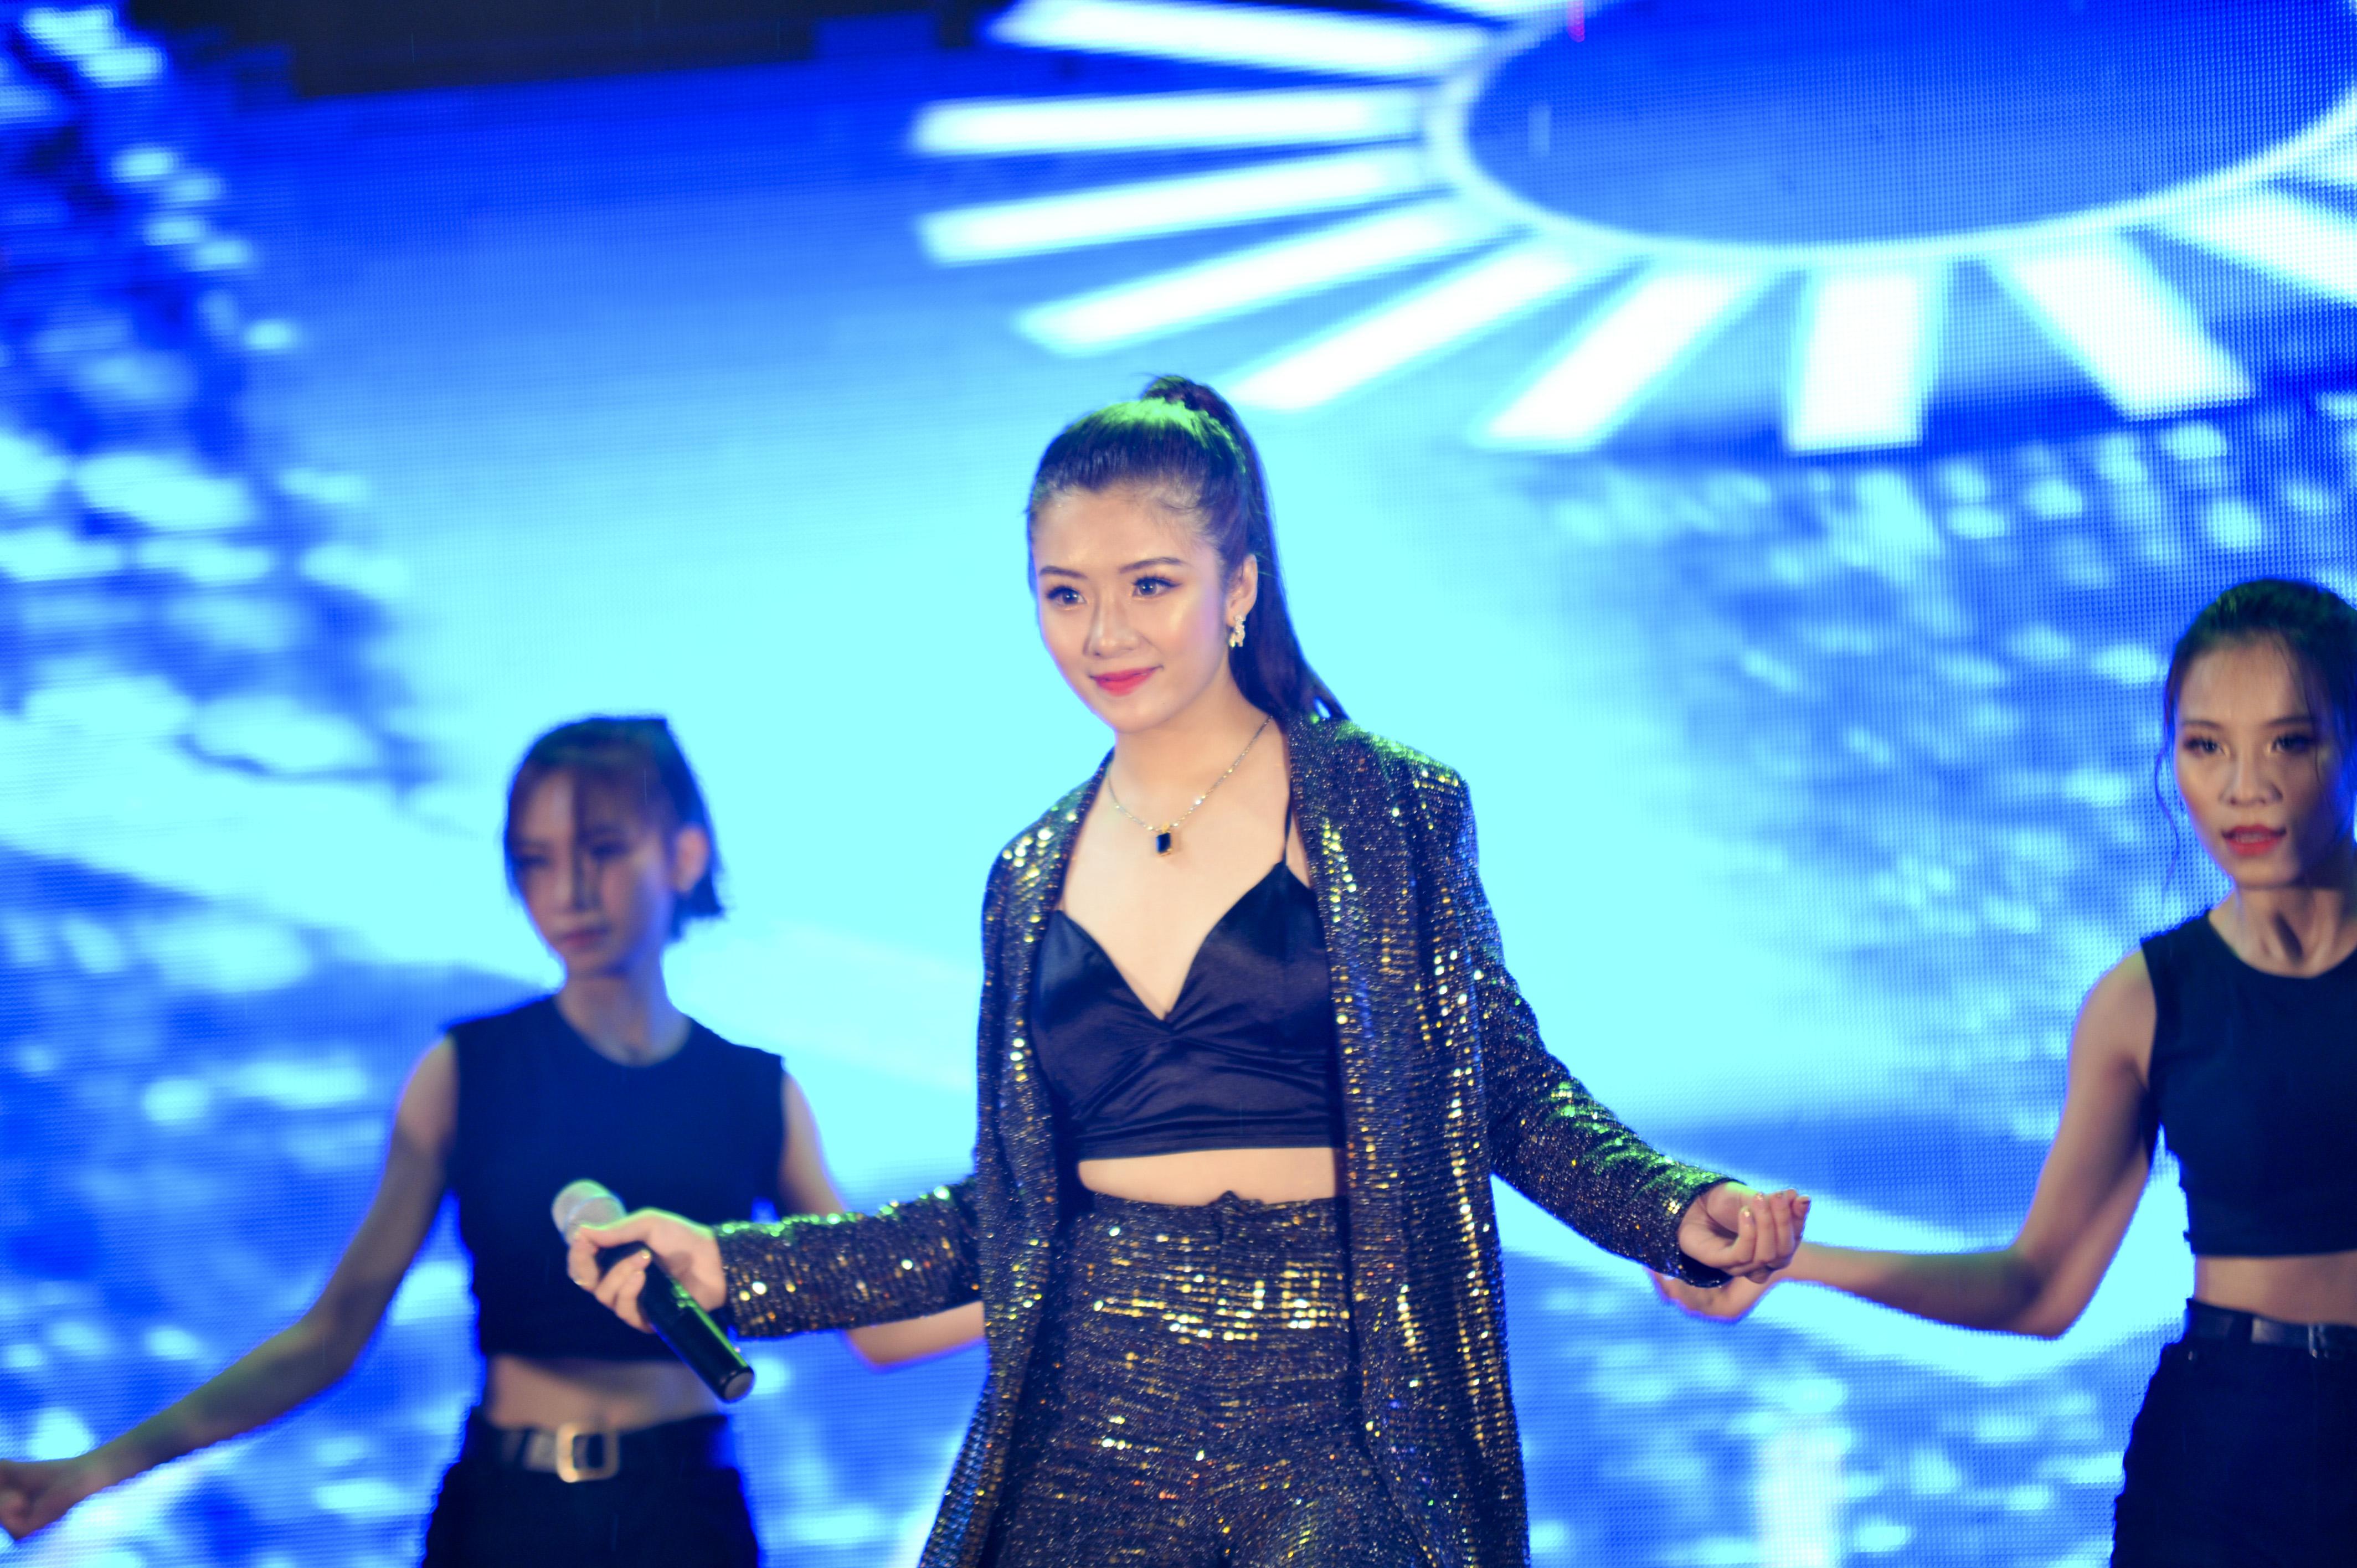 """Hot girl"""" xứ chè Thái Nguyên - Phạm Thị Linh Chi thiêu đốt sân khấu bằng màn biểu diễn hát kết hợp vũ đạo nóng bỏng, bài bản."""